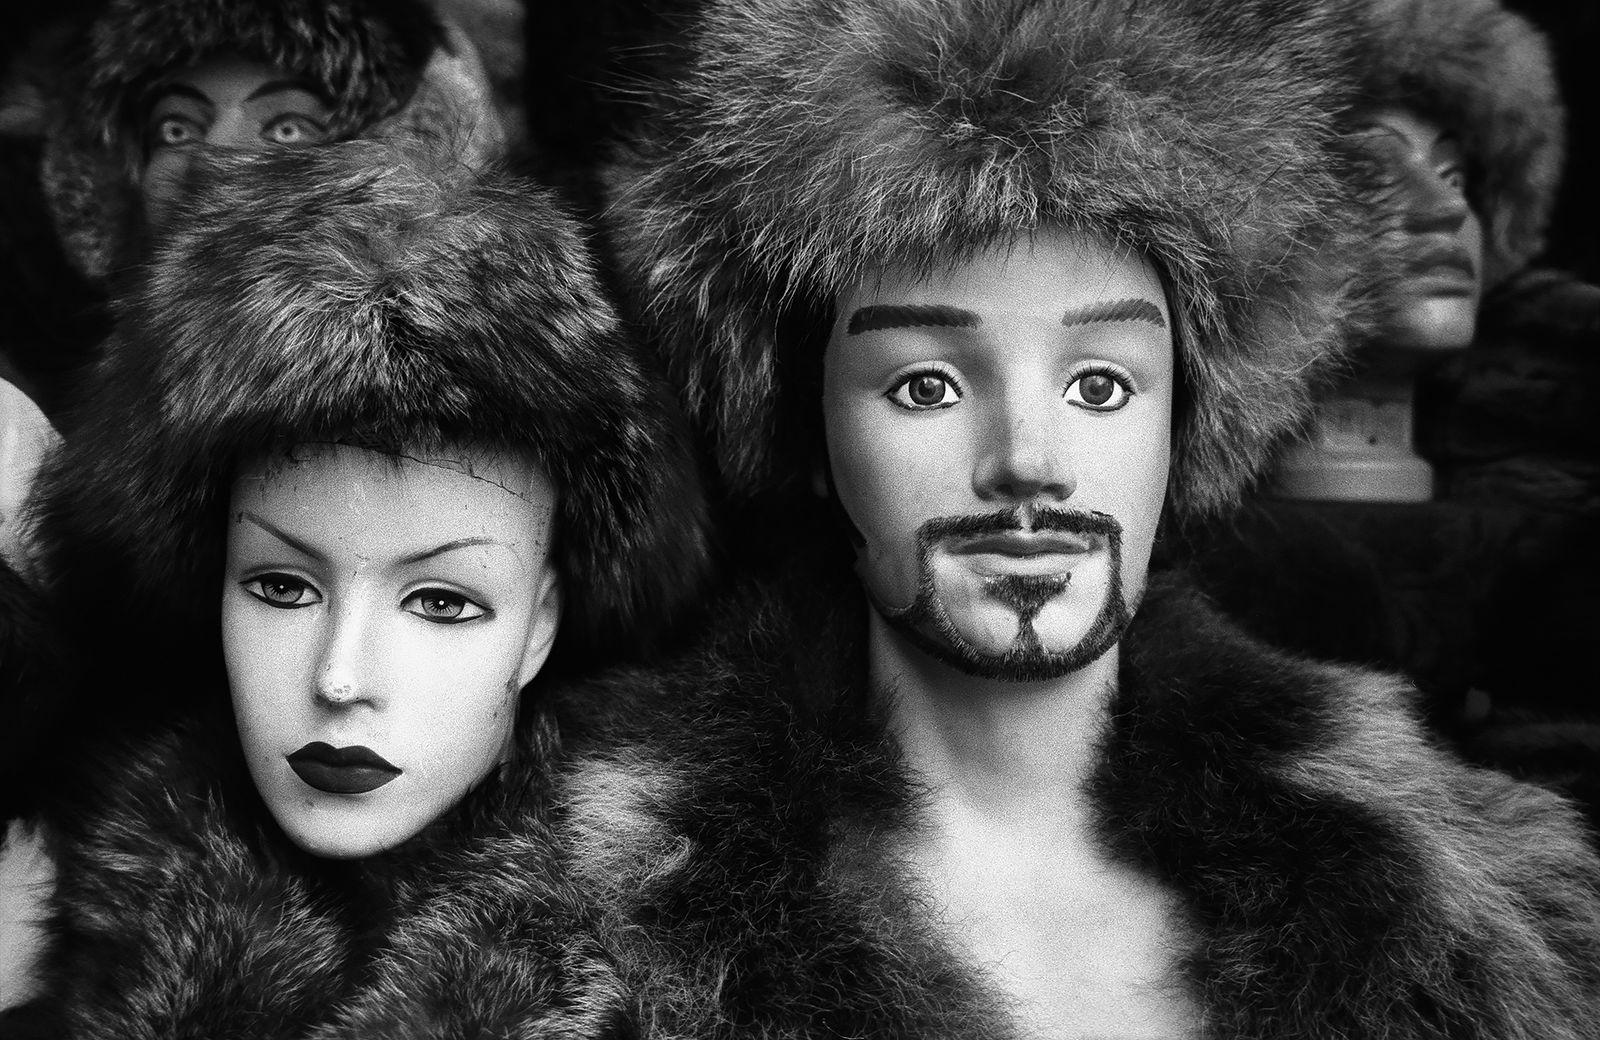 Евгений Сафьян. Manequin cities. Россия, Москва, Измайлово, 2010